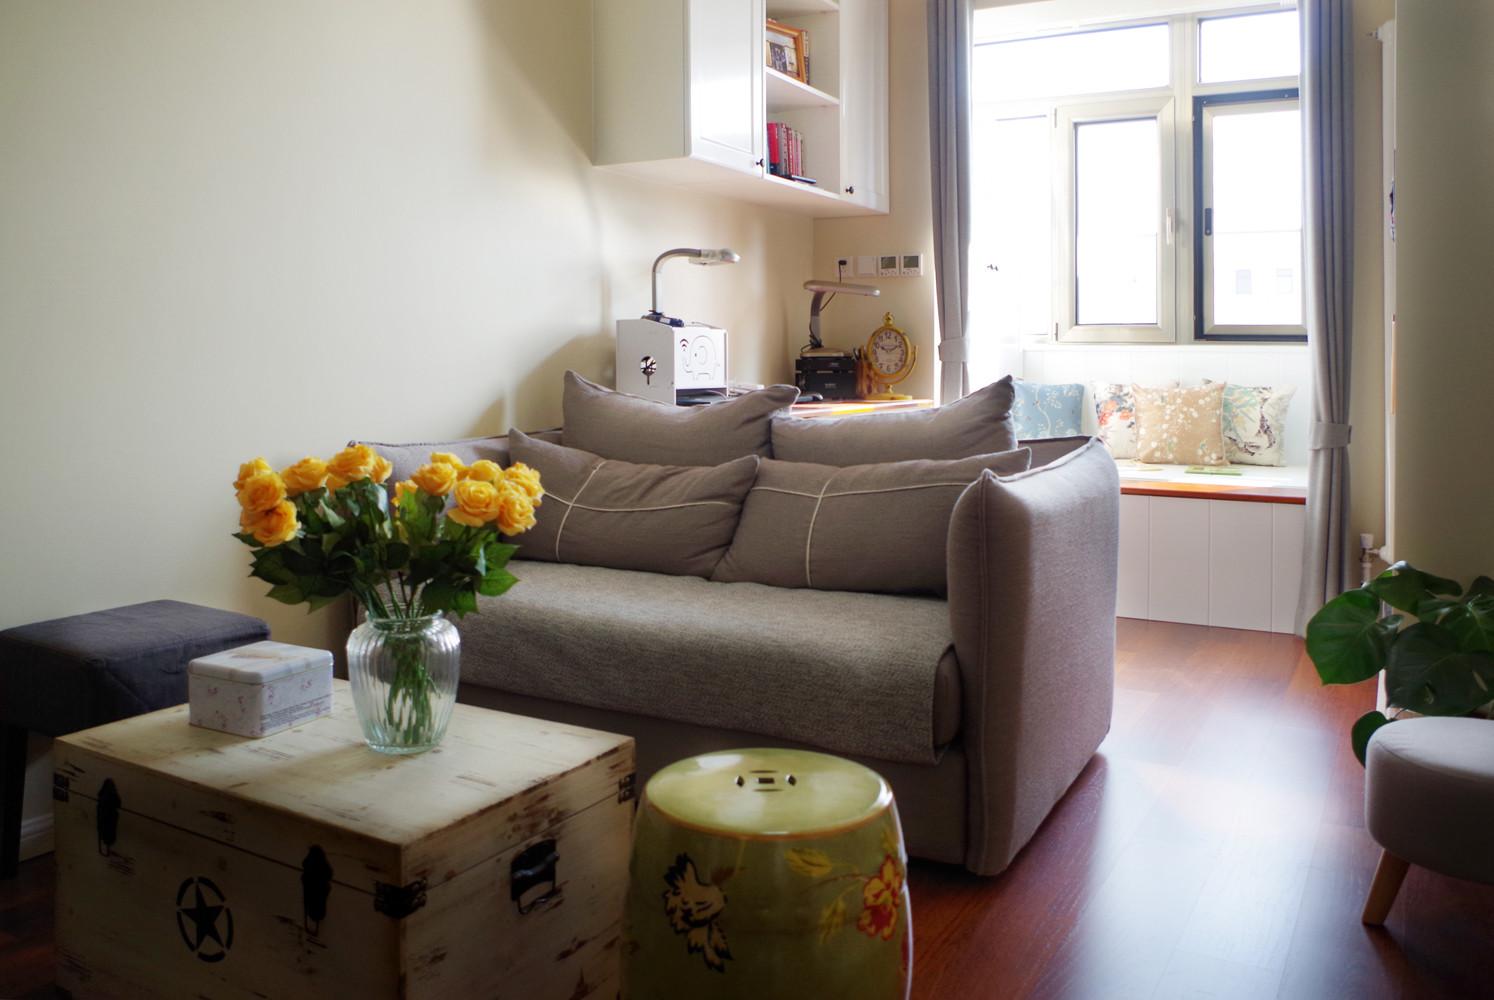 47㎡美式温馨小家装修沙发图片